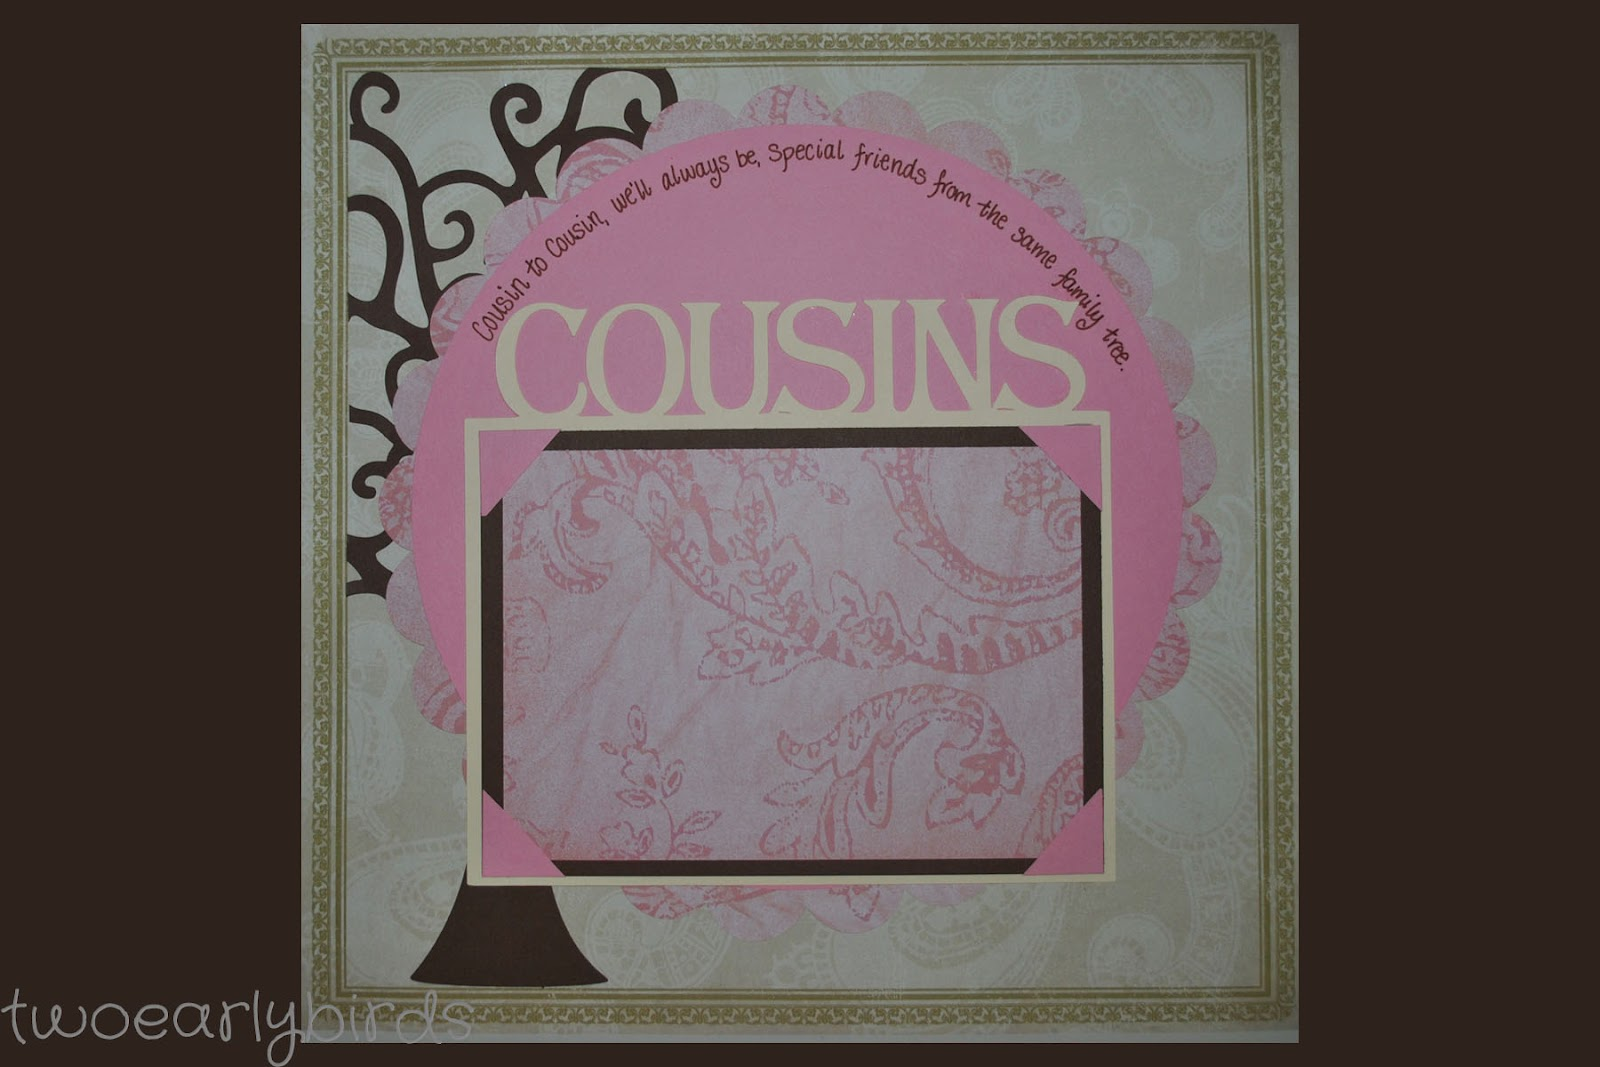 Quotes about close cousins quotesgram